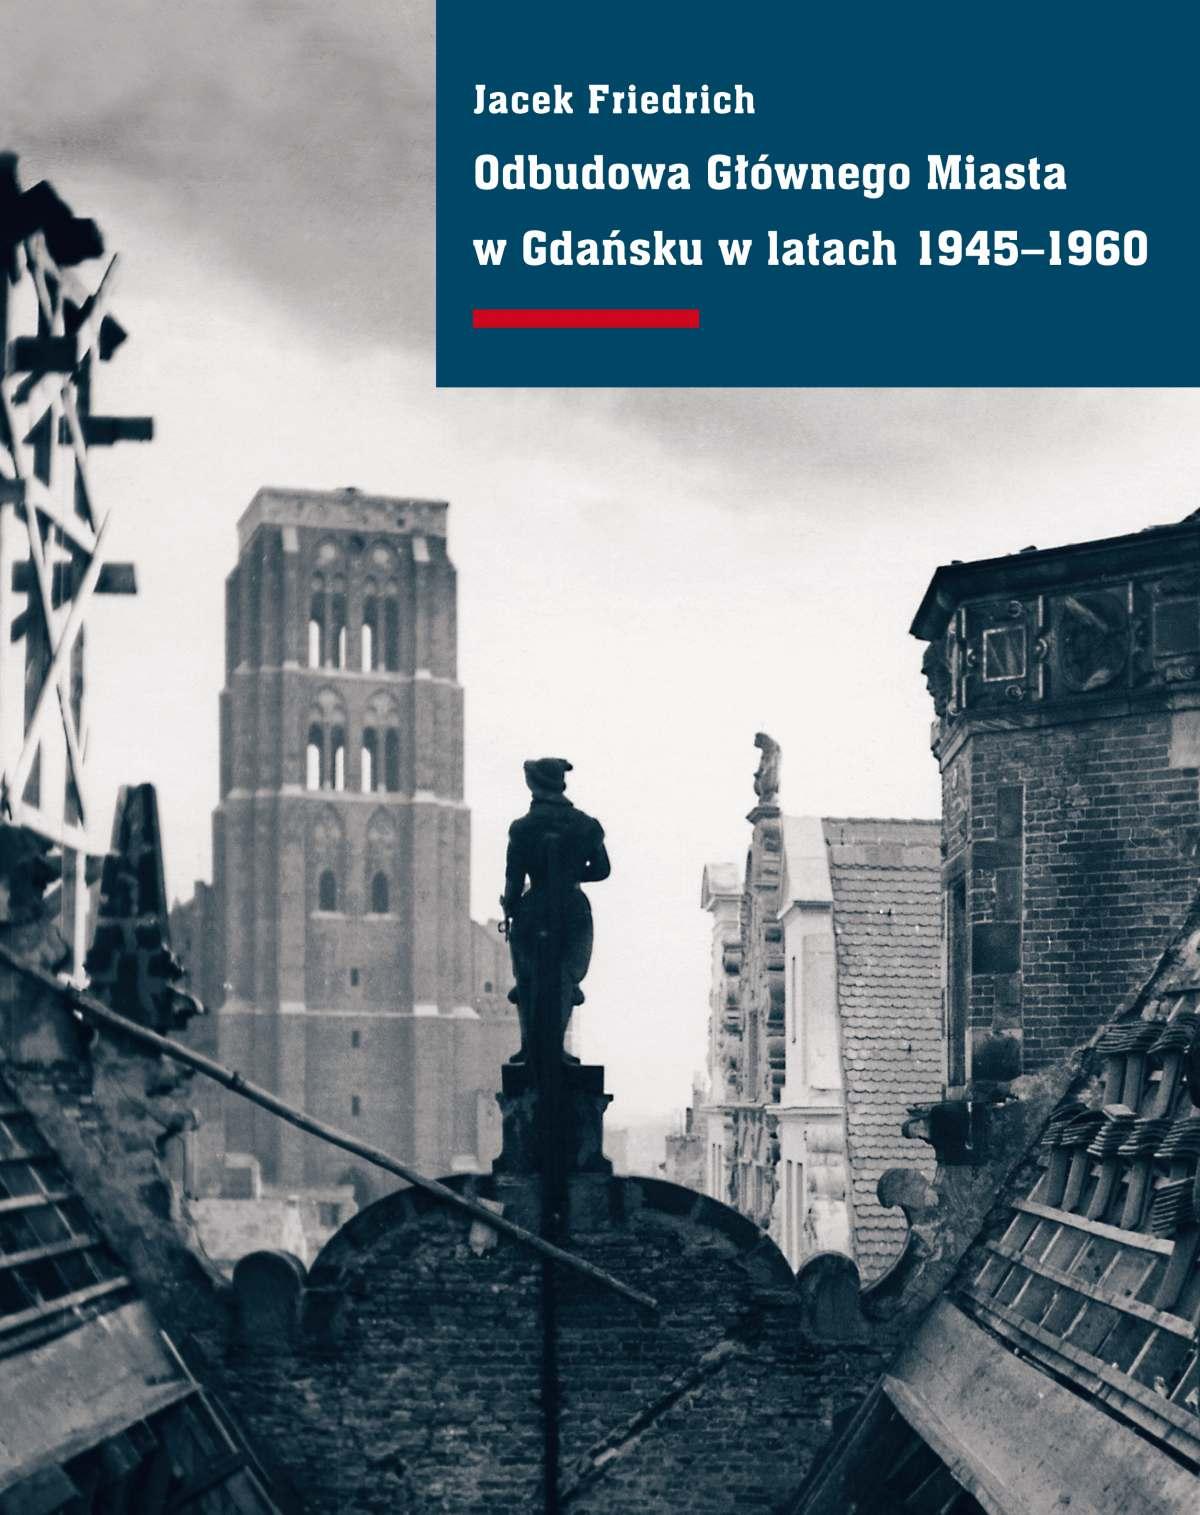 Odbudowa Głównego Miasta w Gdańsku w latach 1945–1960 - Ebook (Książka na Kindle) do pobrania w formacie MOBI